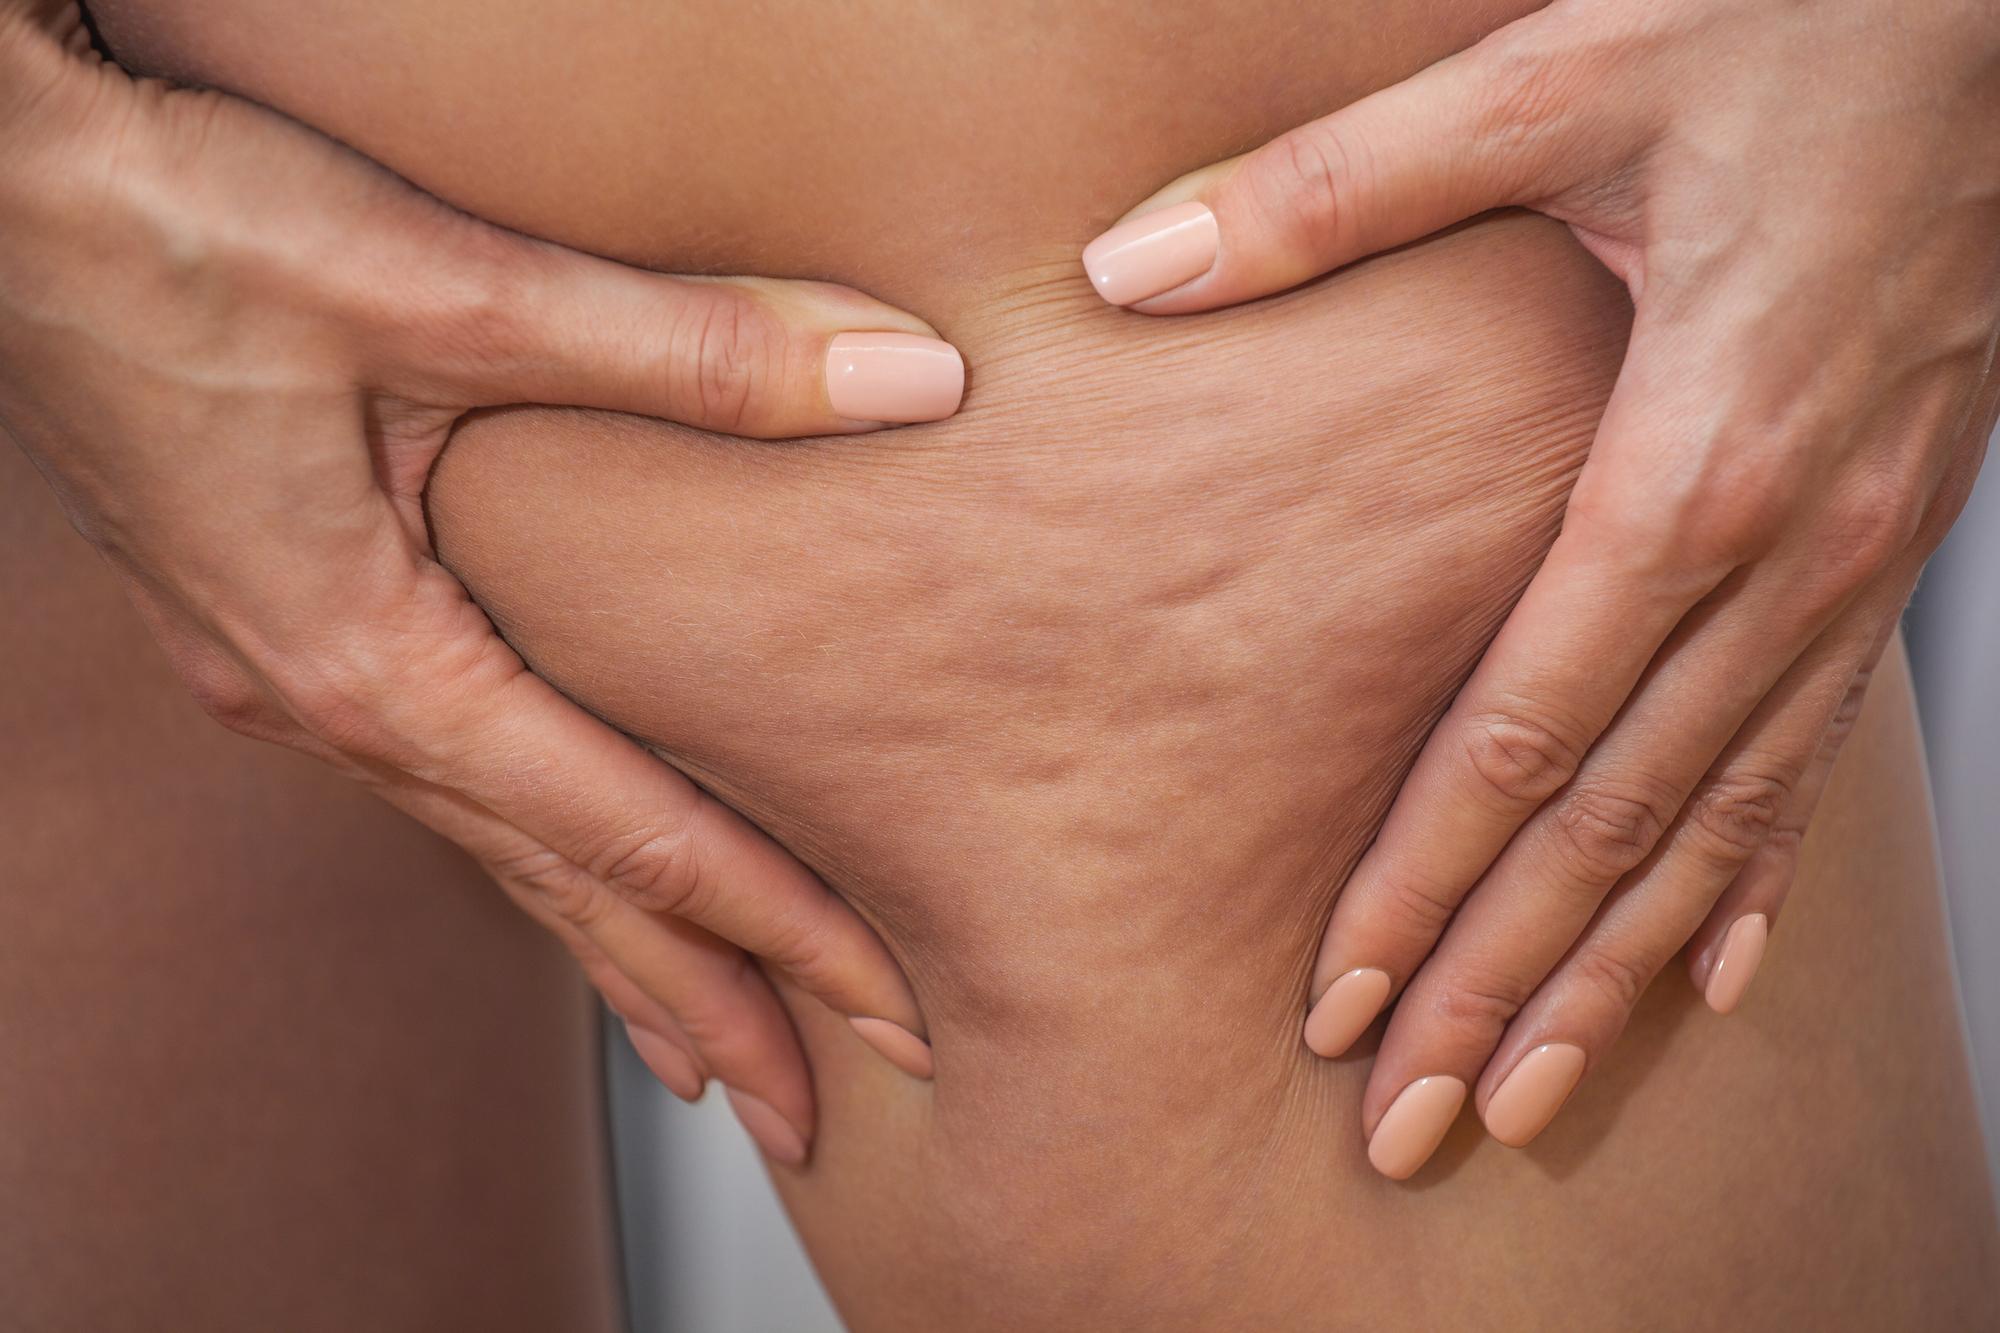 Mani di donna su gambe con cellulite